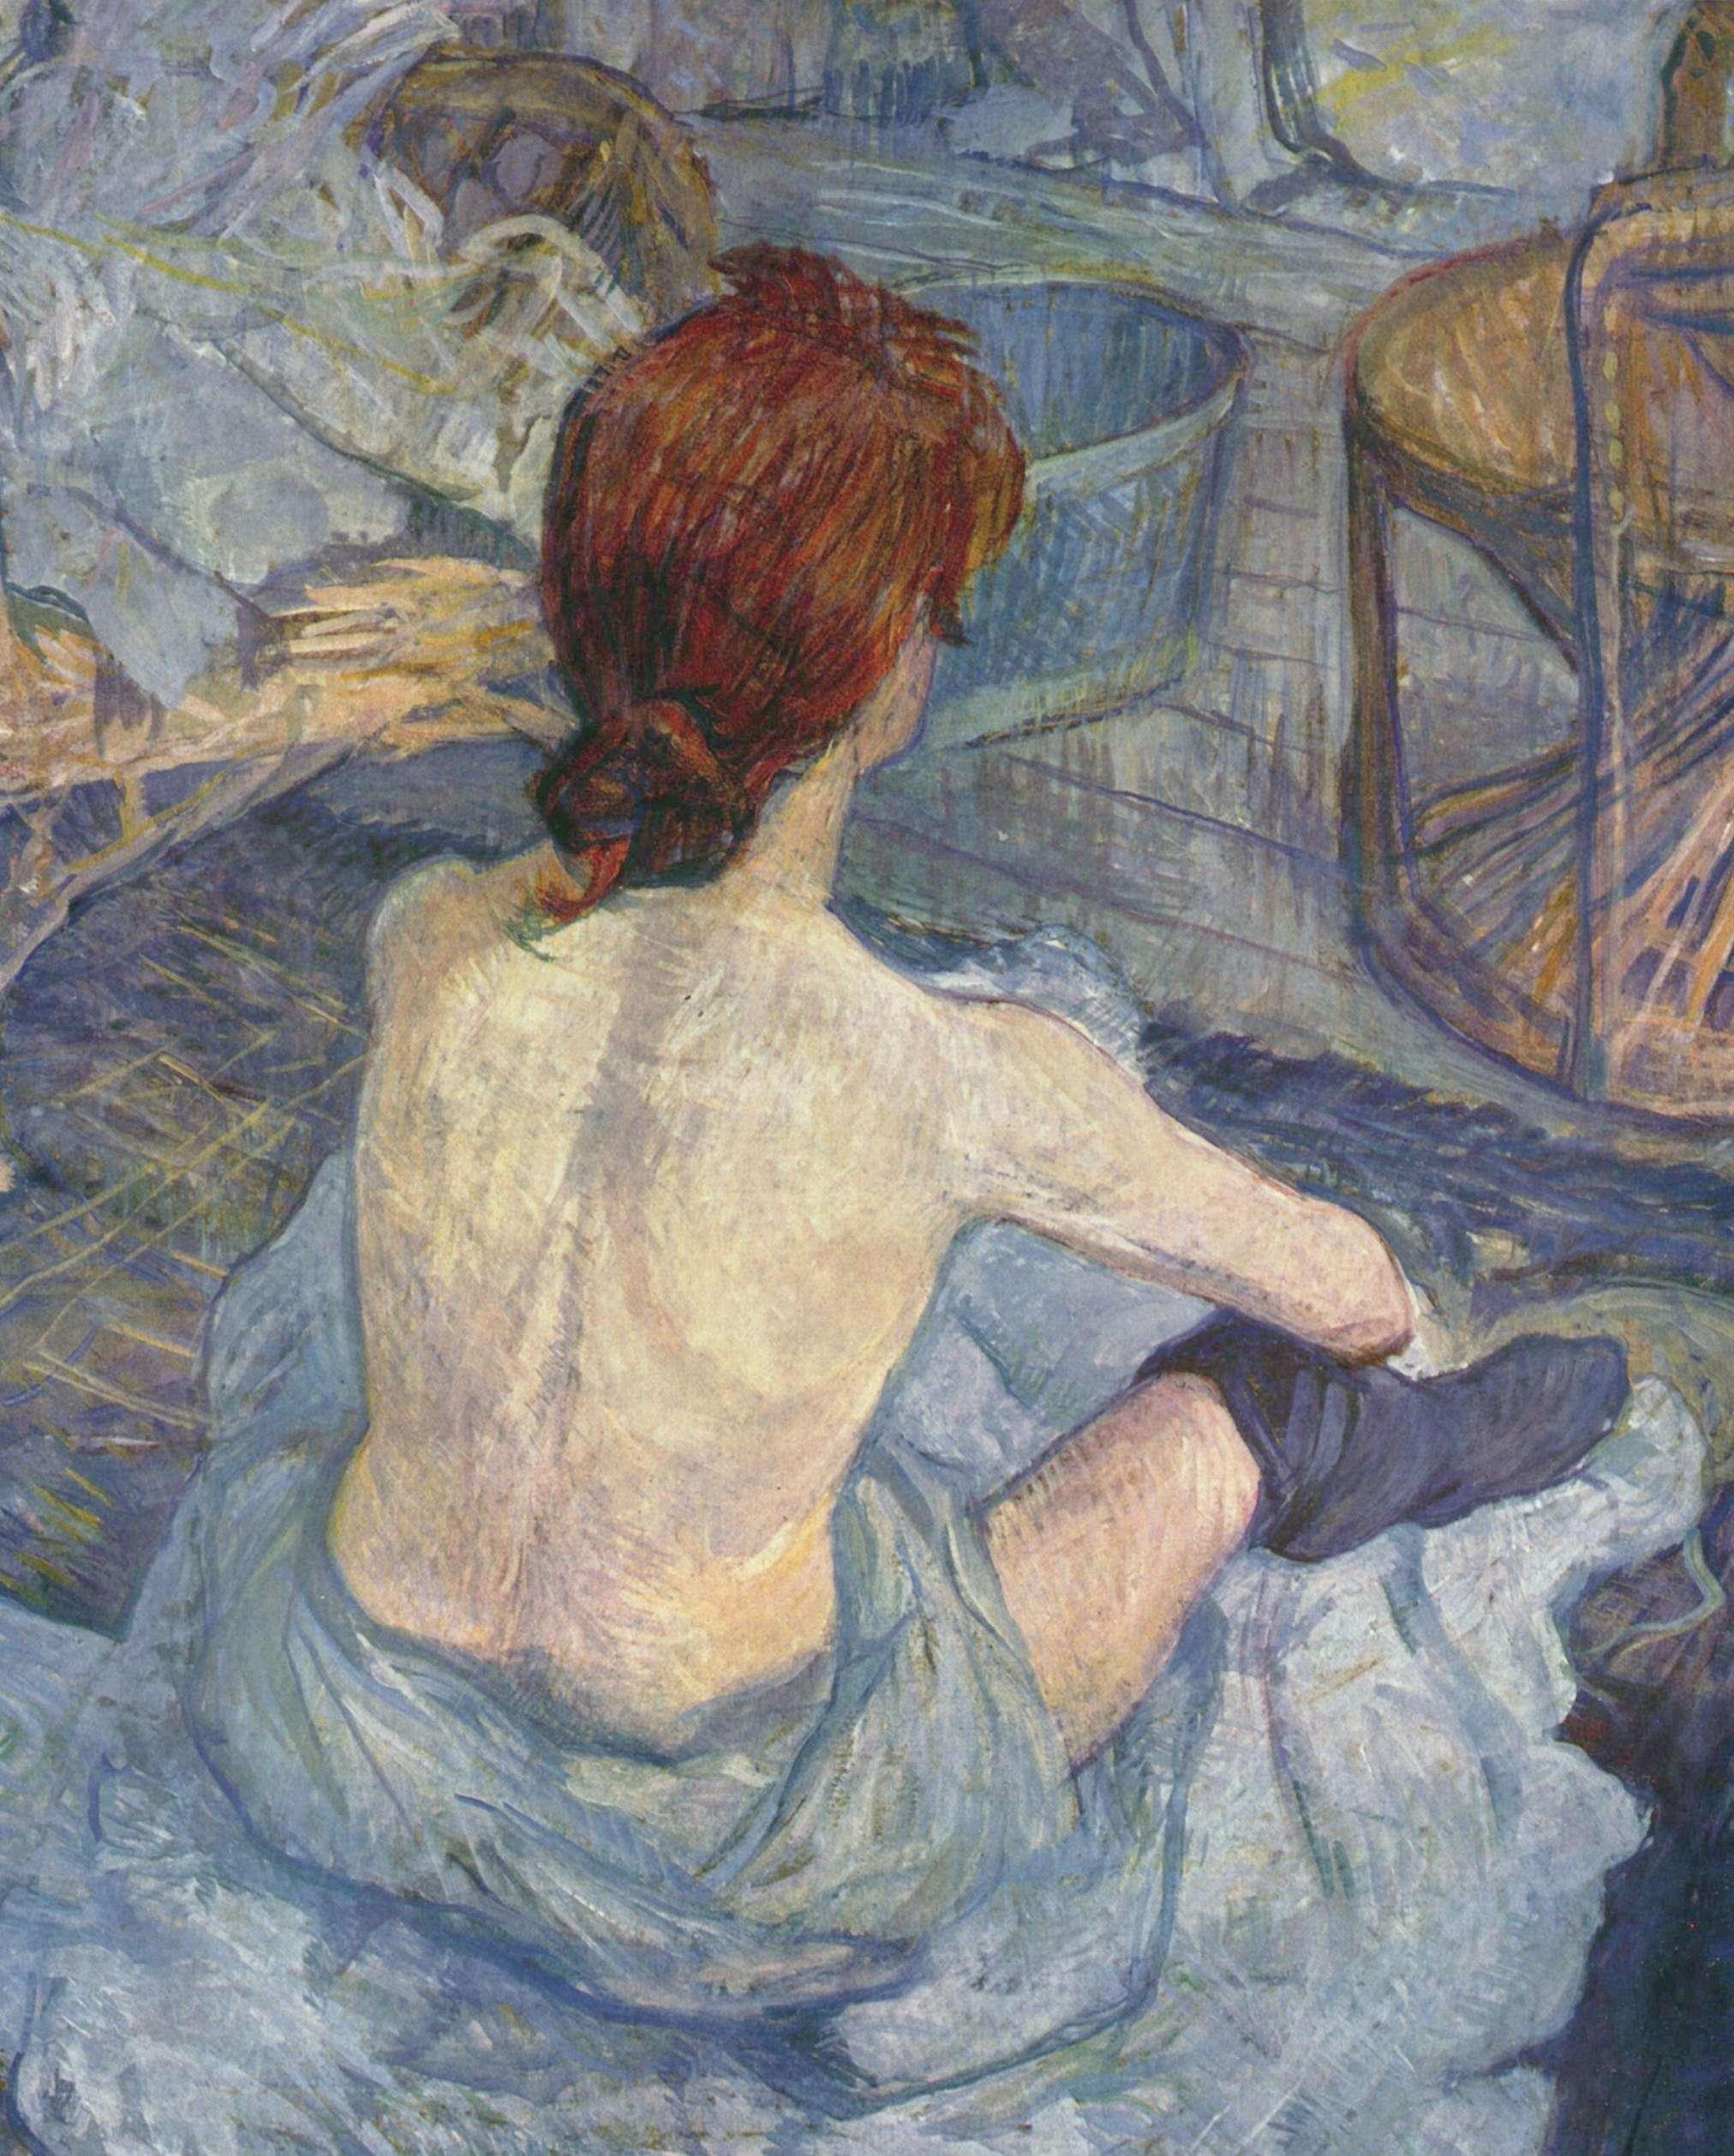 Ανρί ντε Τουλούζ-Λωτρέκ (Henri Marie Raymond de Toulouse-Lautrec-Monfa, 24 Νοεμβρίου 1864 - 9 Σεπτεμβρίου 1901). Η τουαλέτα, 1889, Παρίσι, Μουσείο Ορσέ.